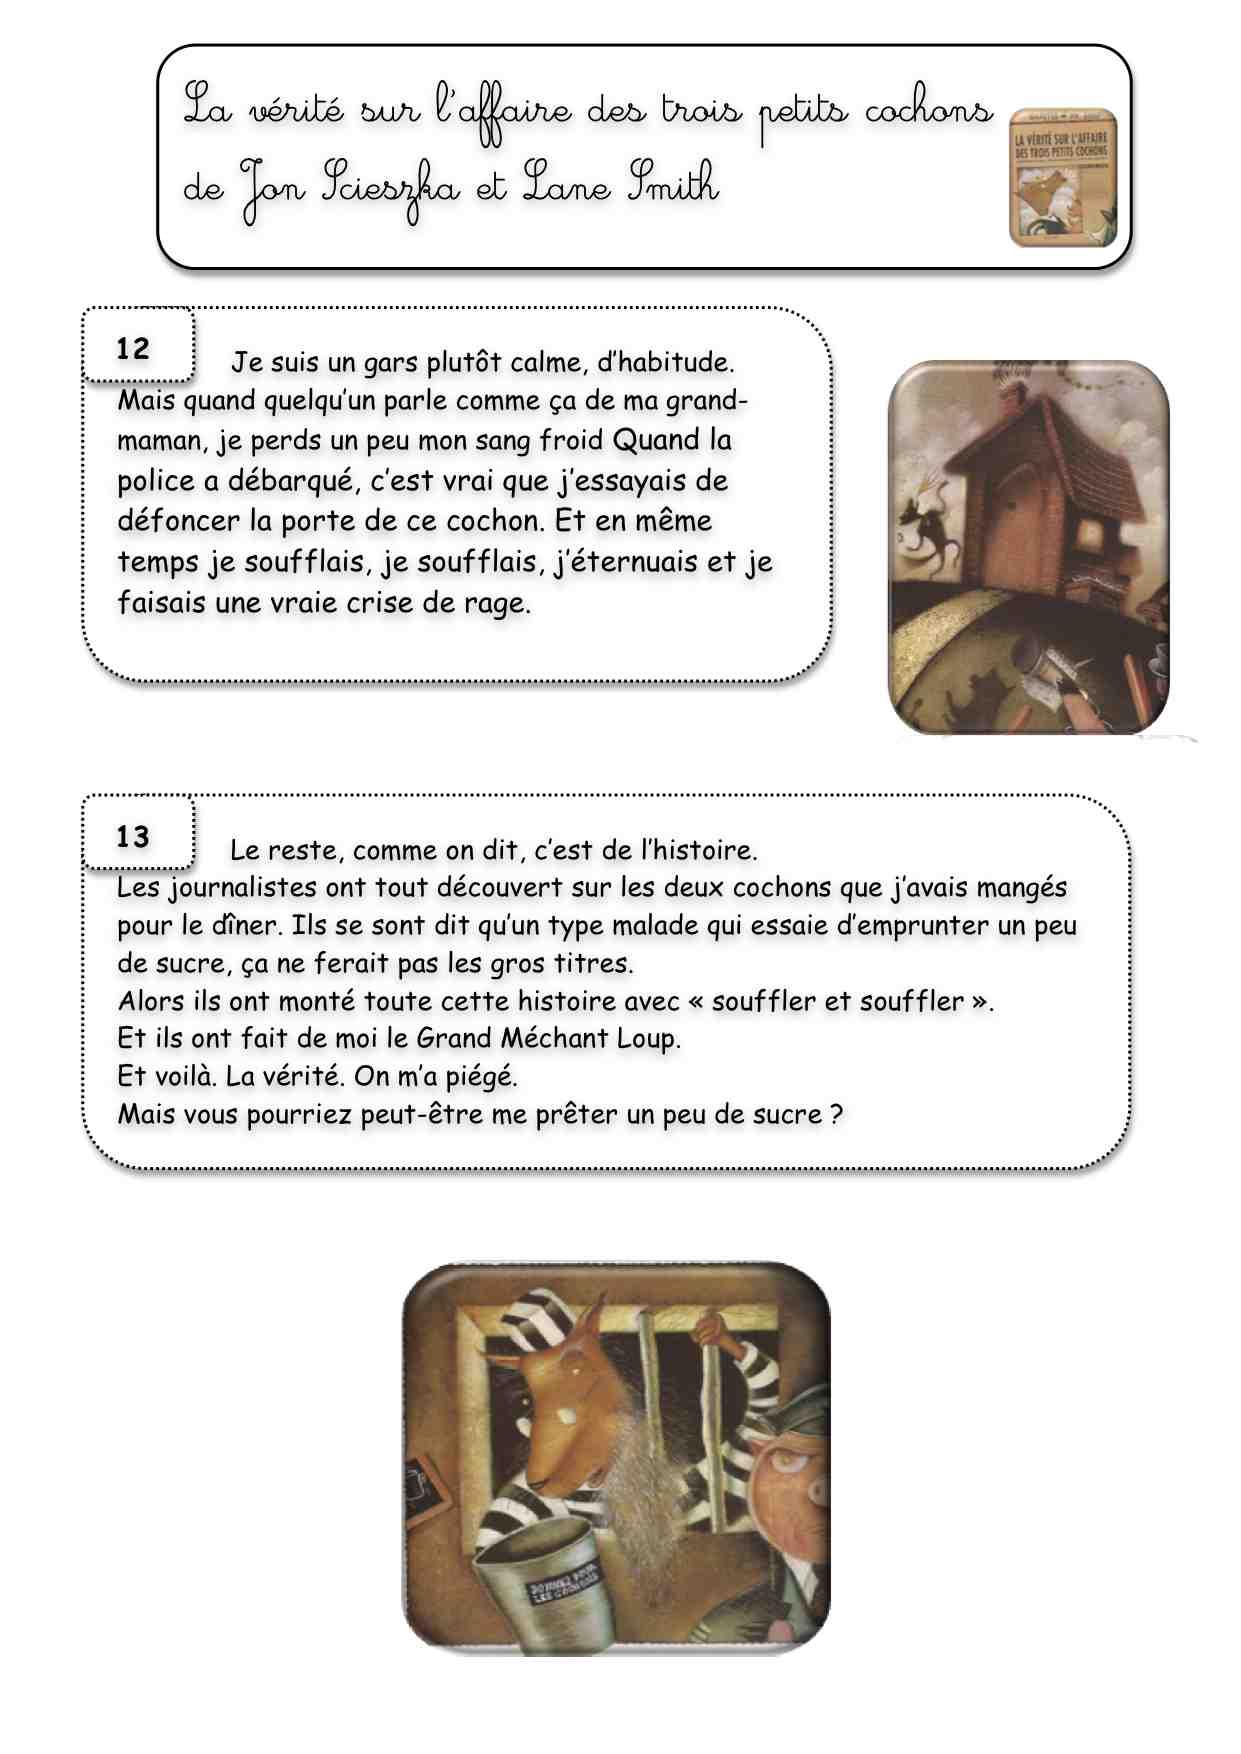 La Verite Sur L'Affaire Harry Quebert By Joel Dicker (2012 French Edition)